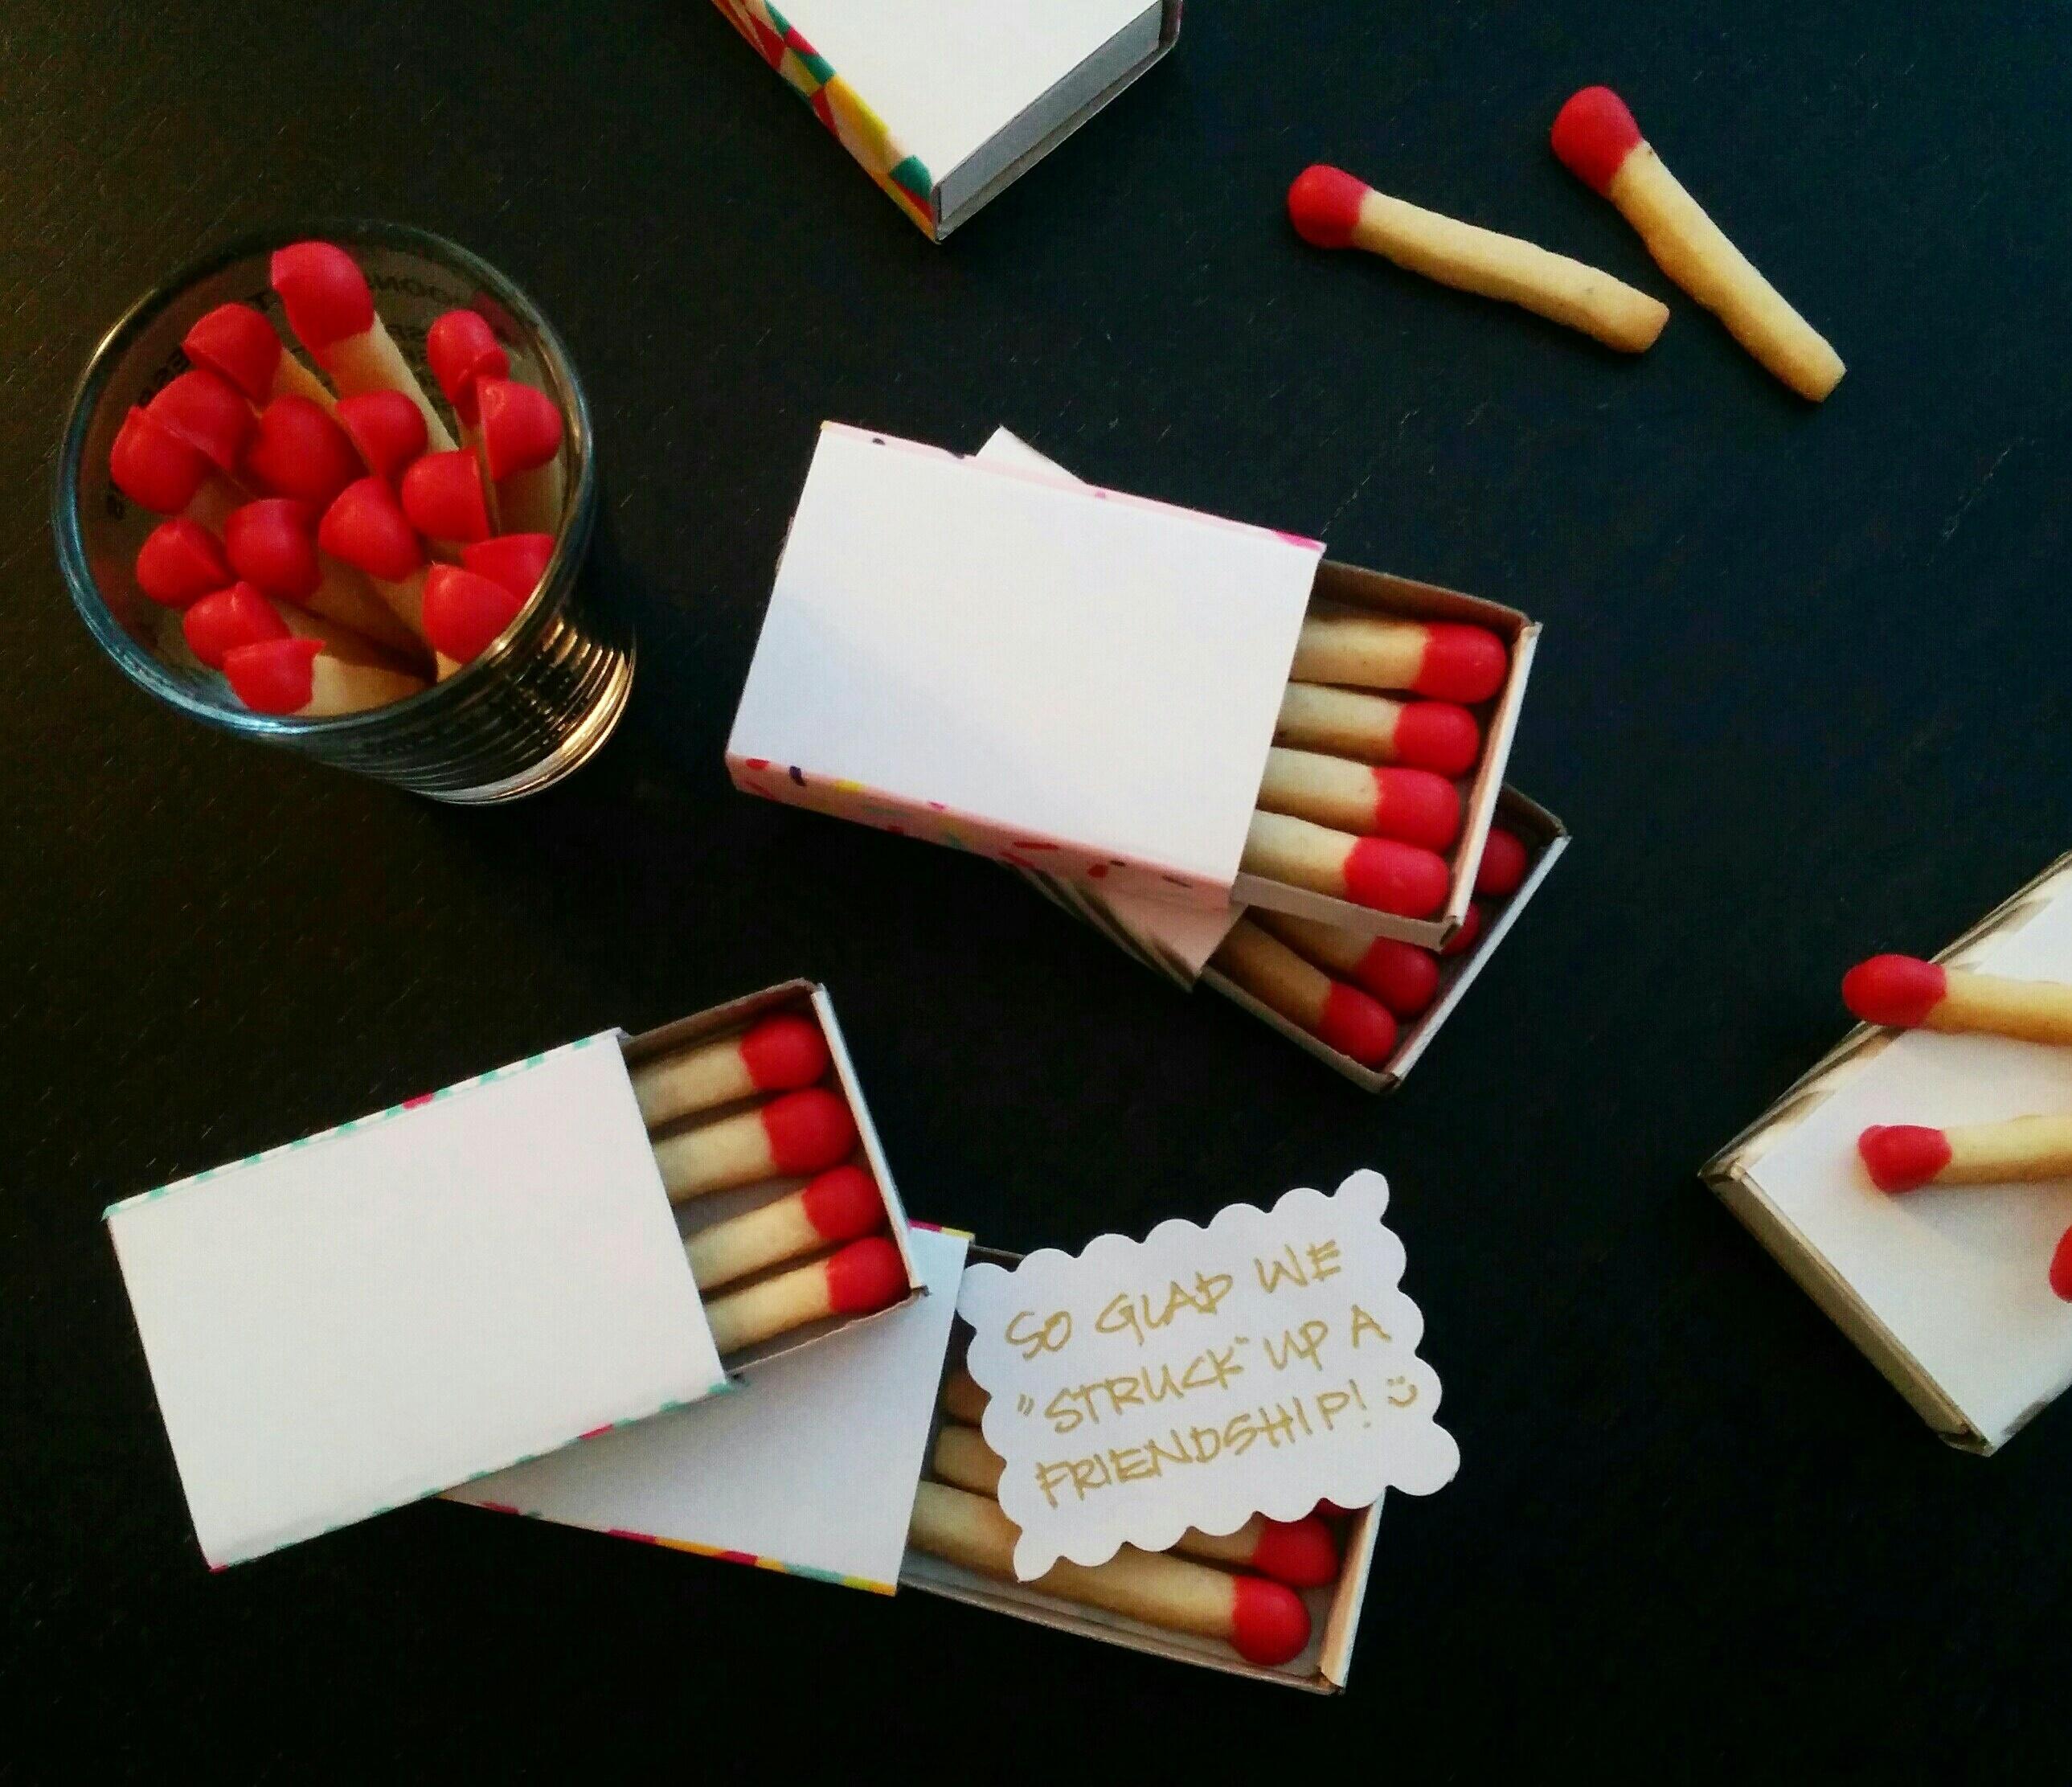 MatchstickCookies_02